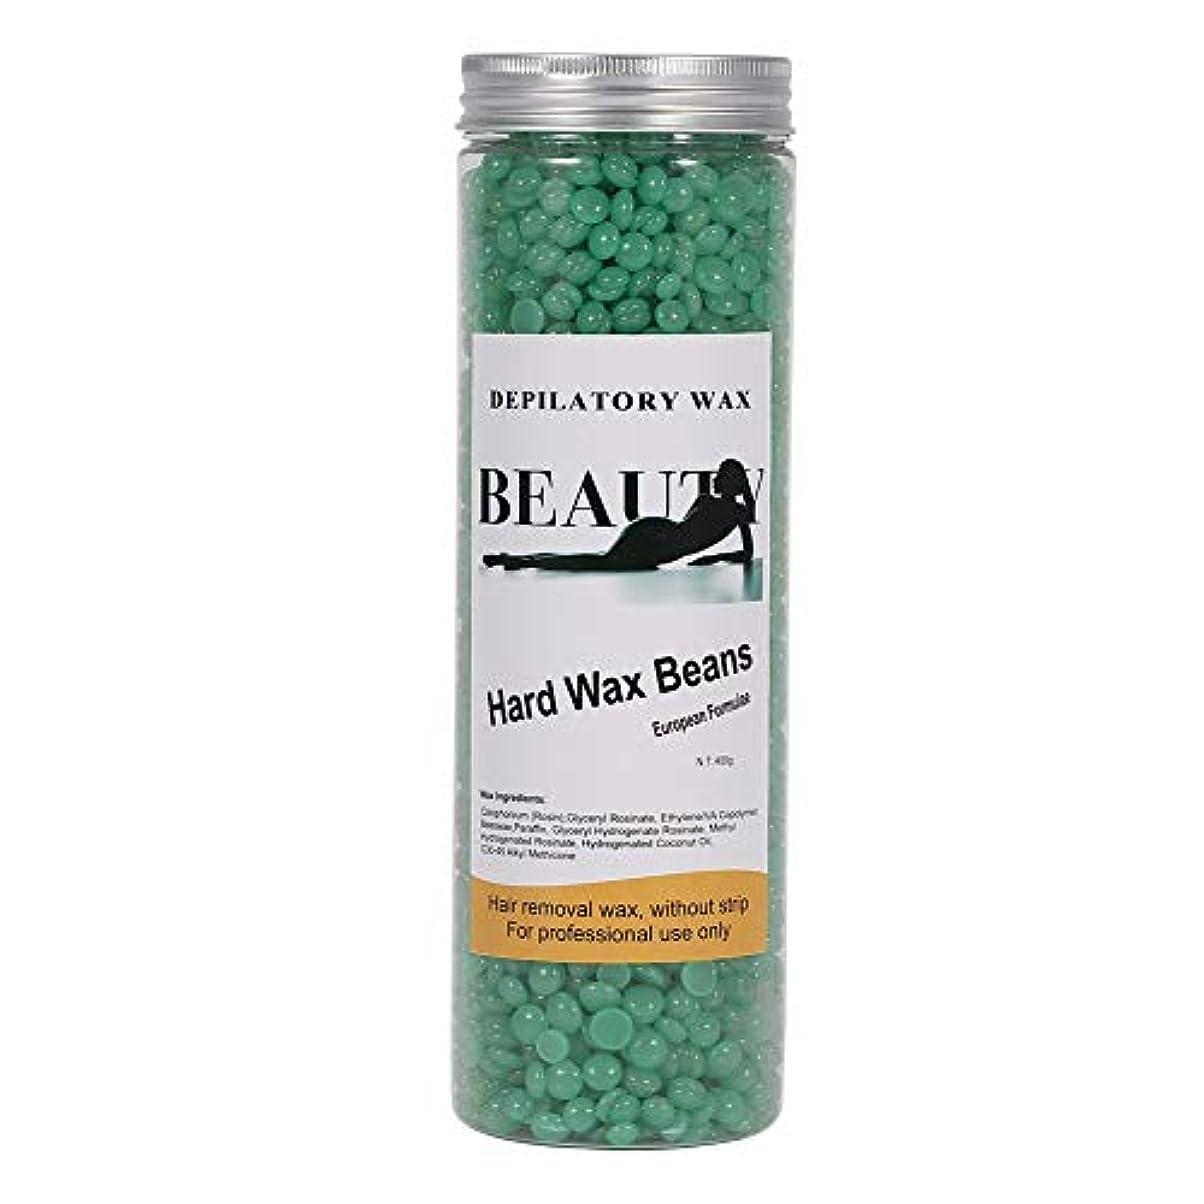 霜口径レオナルドダ7フレーバー400g /ボトル脱毛ホットハードワックスワックスビーンアームボディビキニ脱毛(Green Tea)